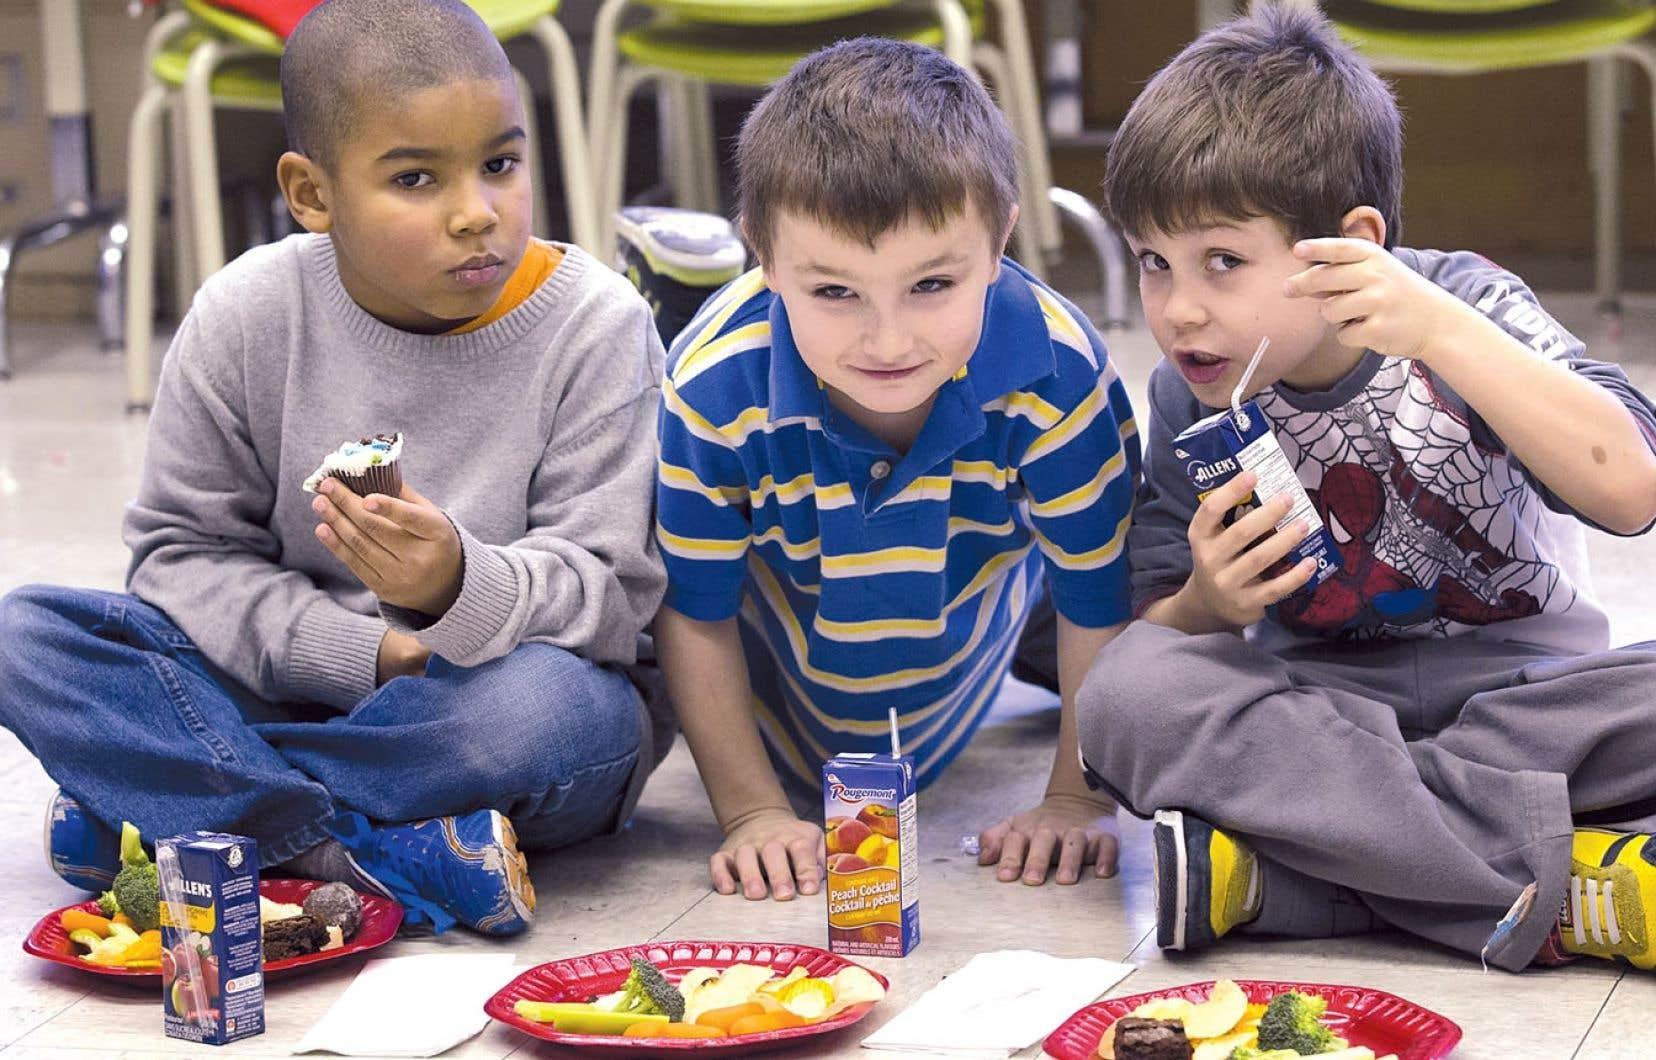 Dans certains cas, les enfants, par leurs bricolages et diverses activités scolaires, apporteront avec eux un peu d'ambiance des Fêtes à la maison.